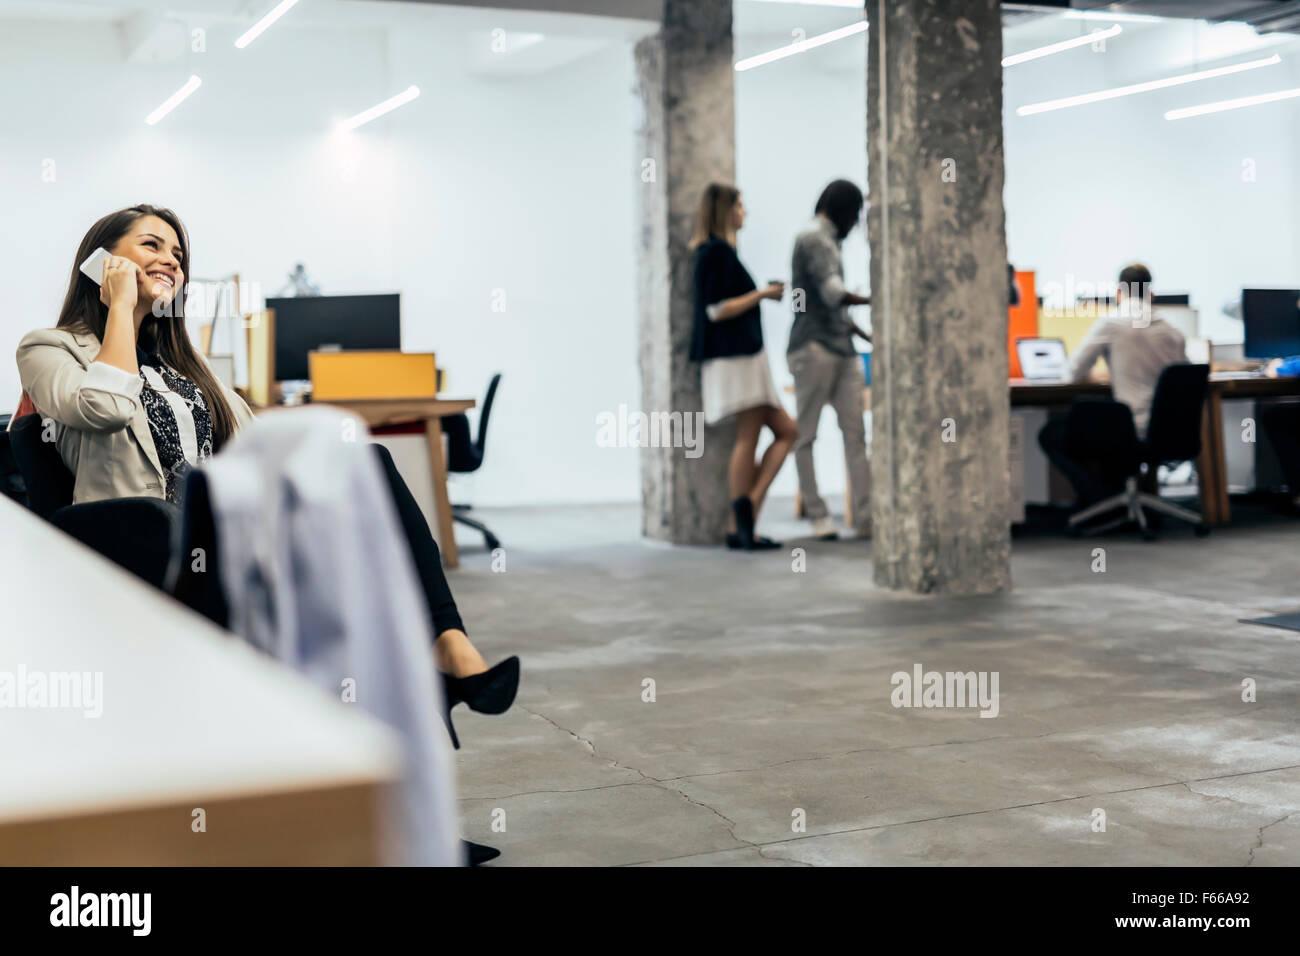 Seguros de mujer de negocios utilizando el teléfono en una oficina. Imagen De Stock